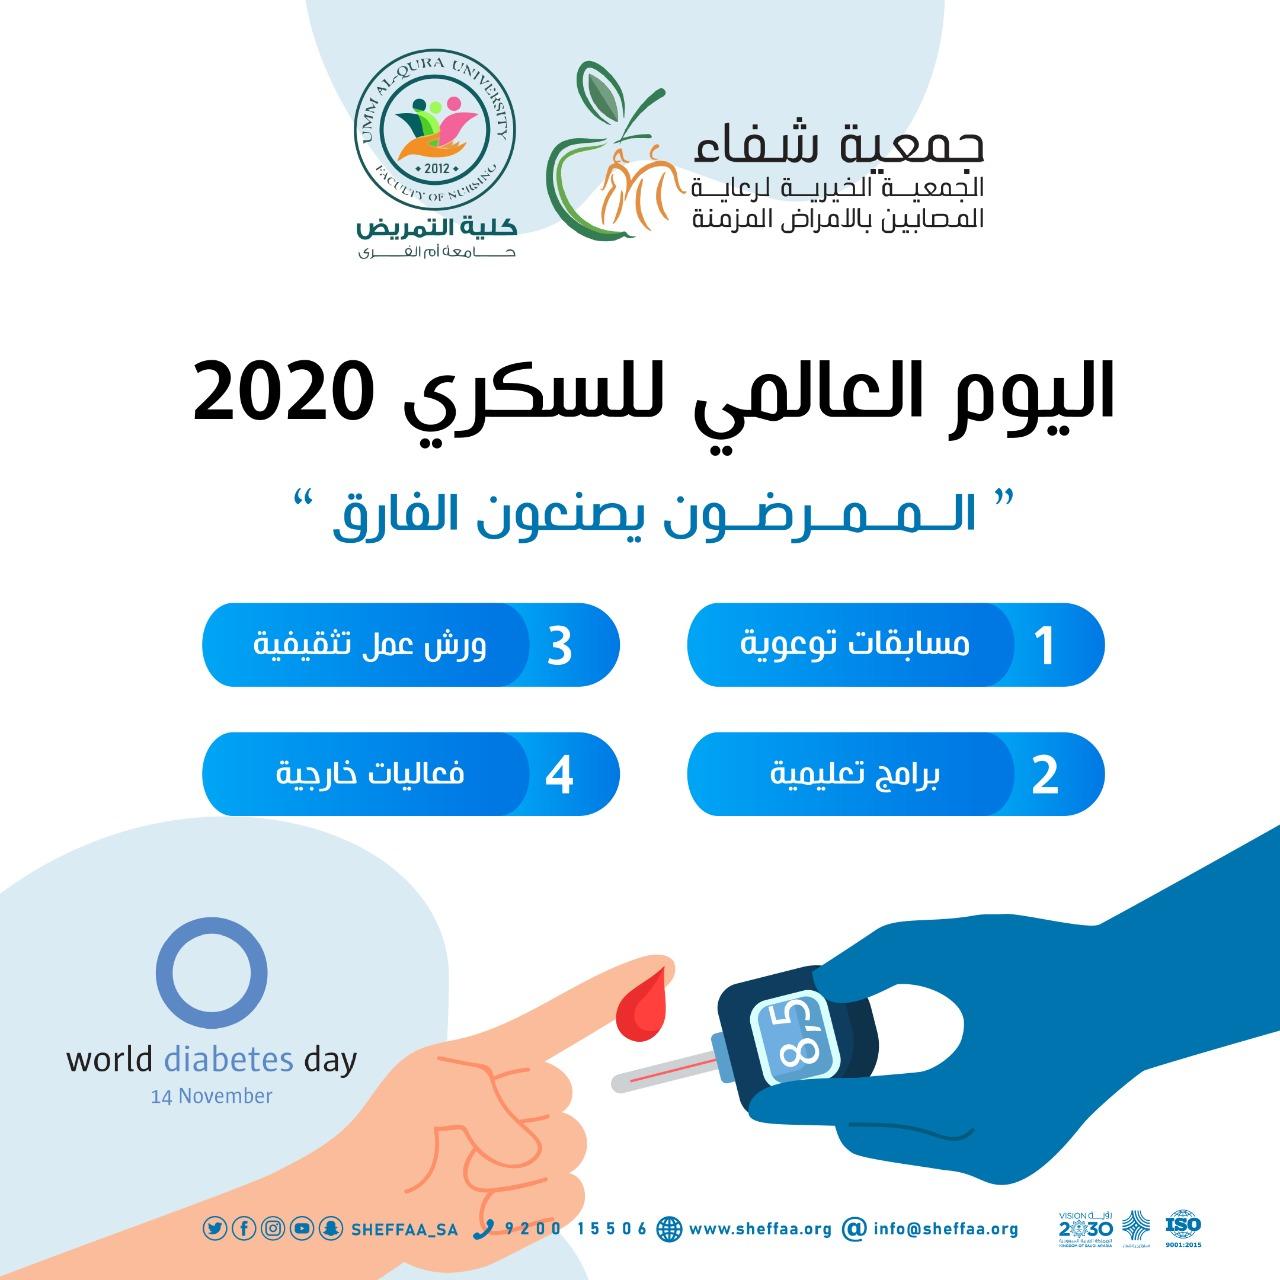 شفاء تطلق فعاليات اليوم العالمي لداء السكري 2020